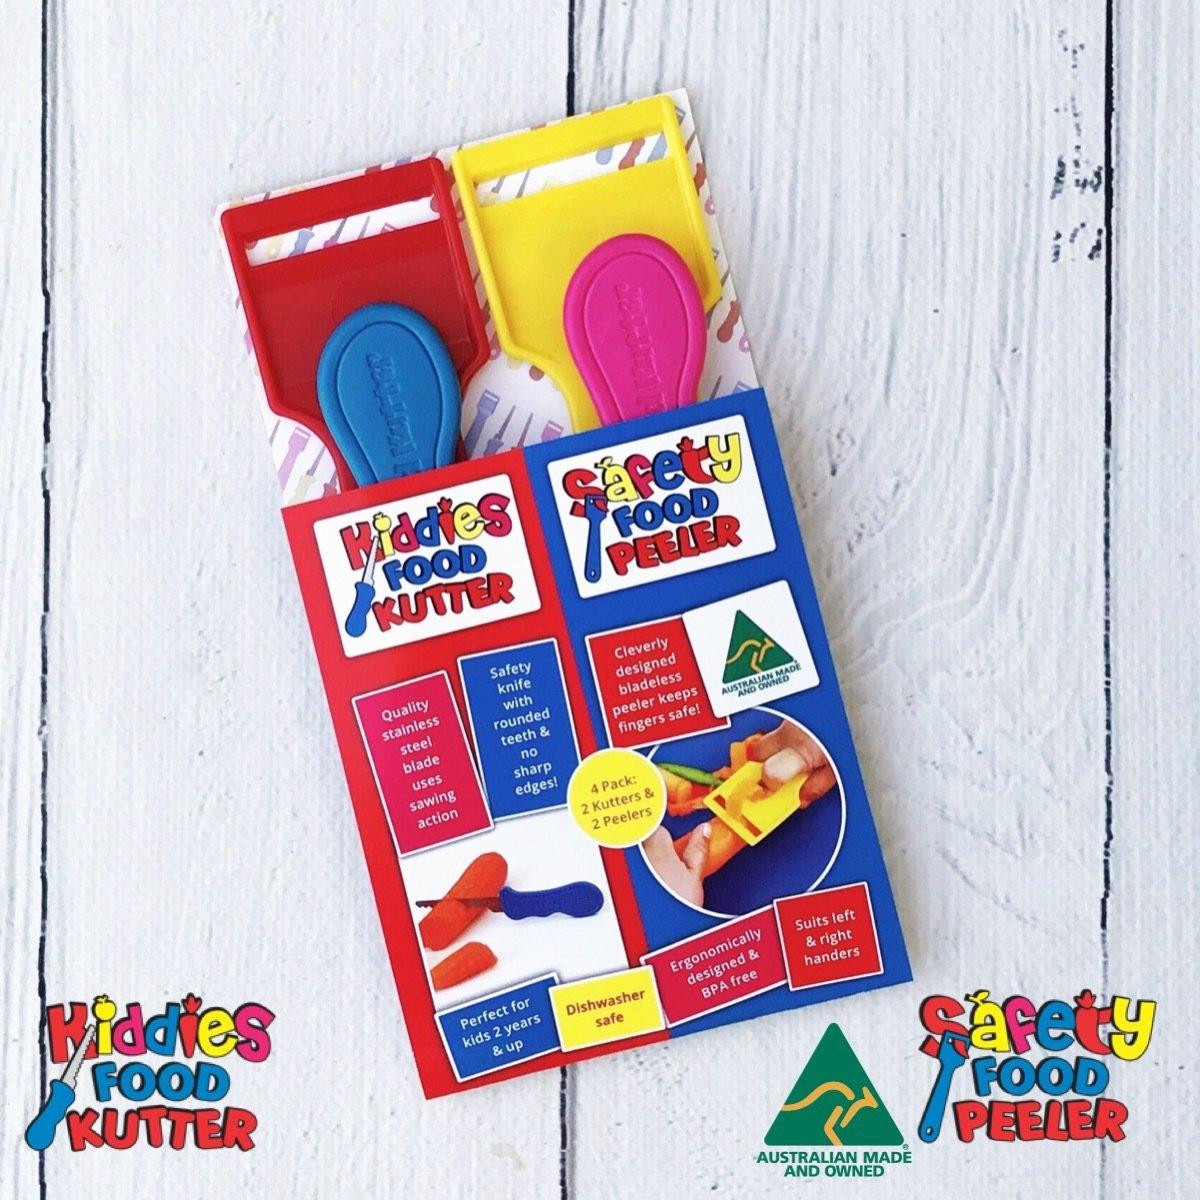 Kiddies Food Kutter 4 Pack